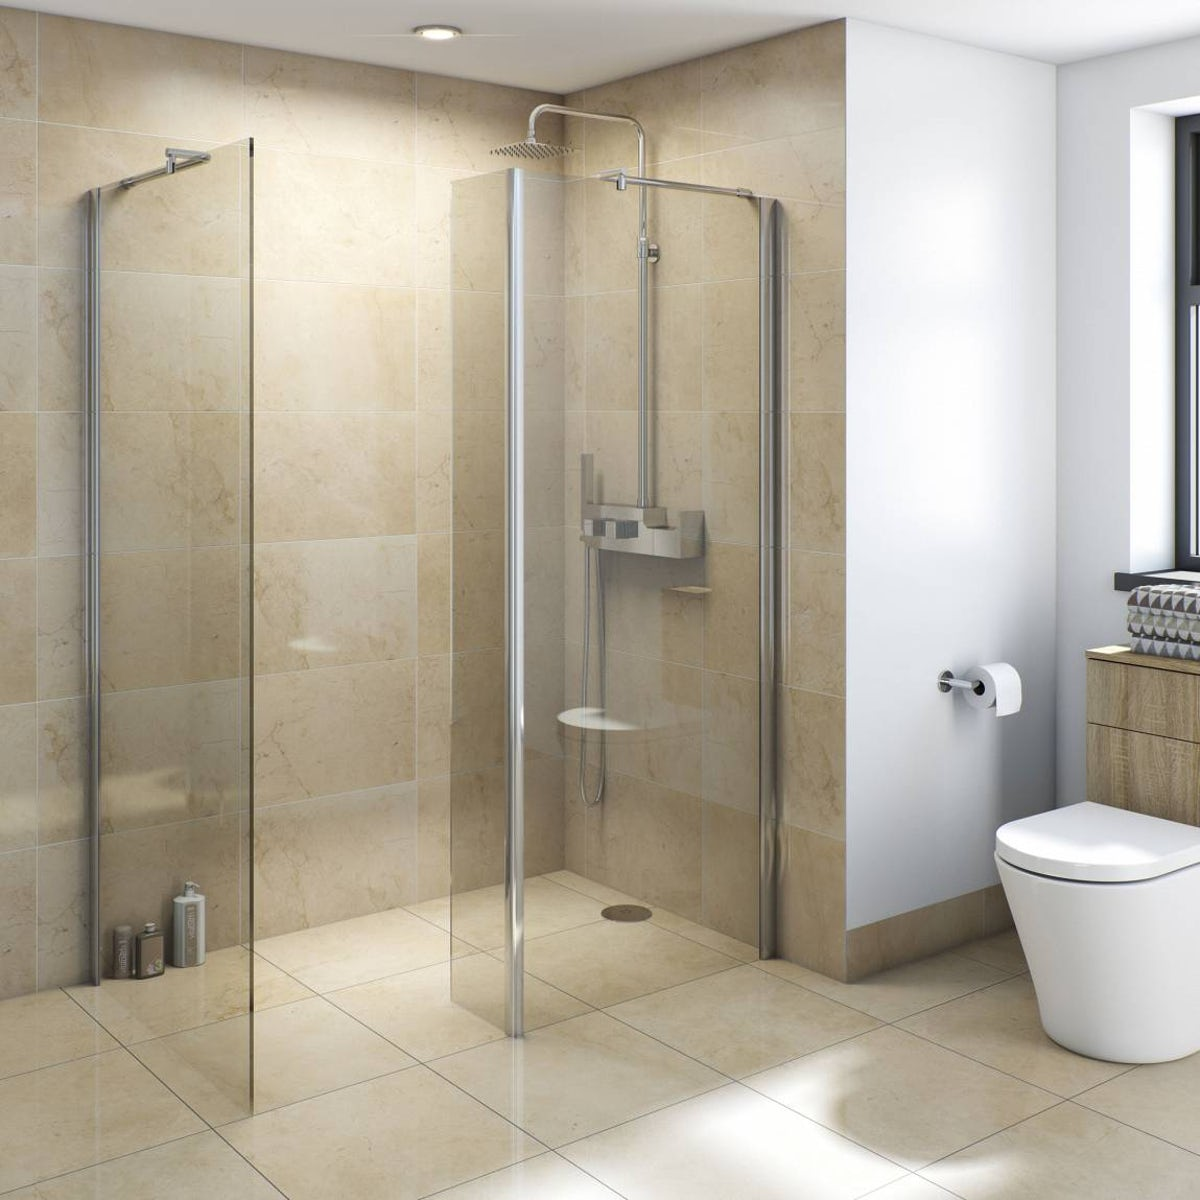 Open Ended Shower Enclosure 28 Images Walk In Shower